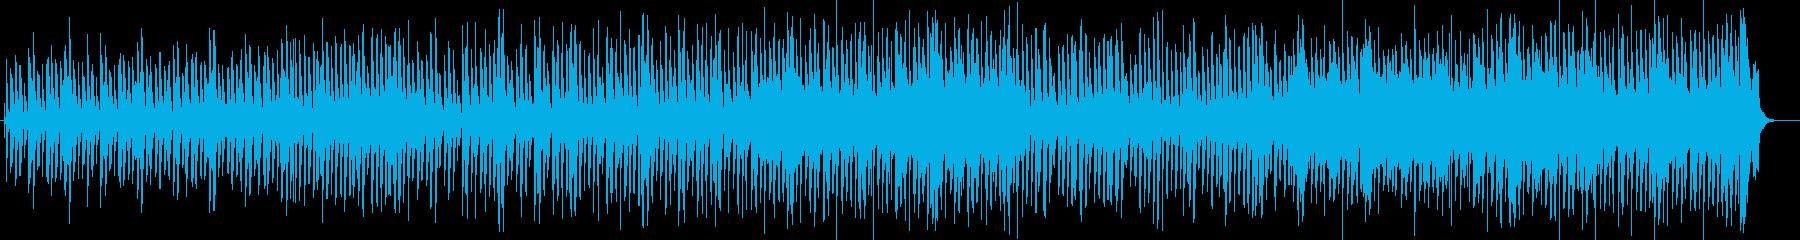 のんびり感のあるシンセ木琴などの曲の再生済みの波形